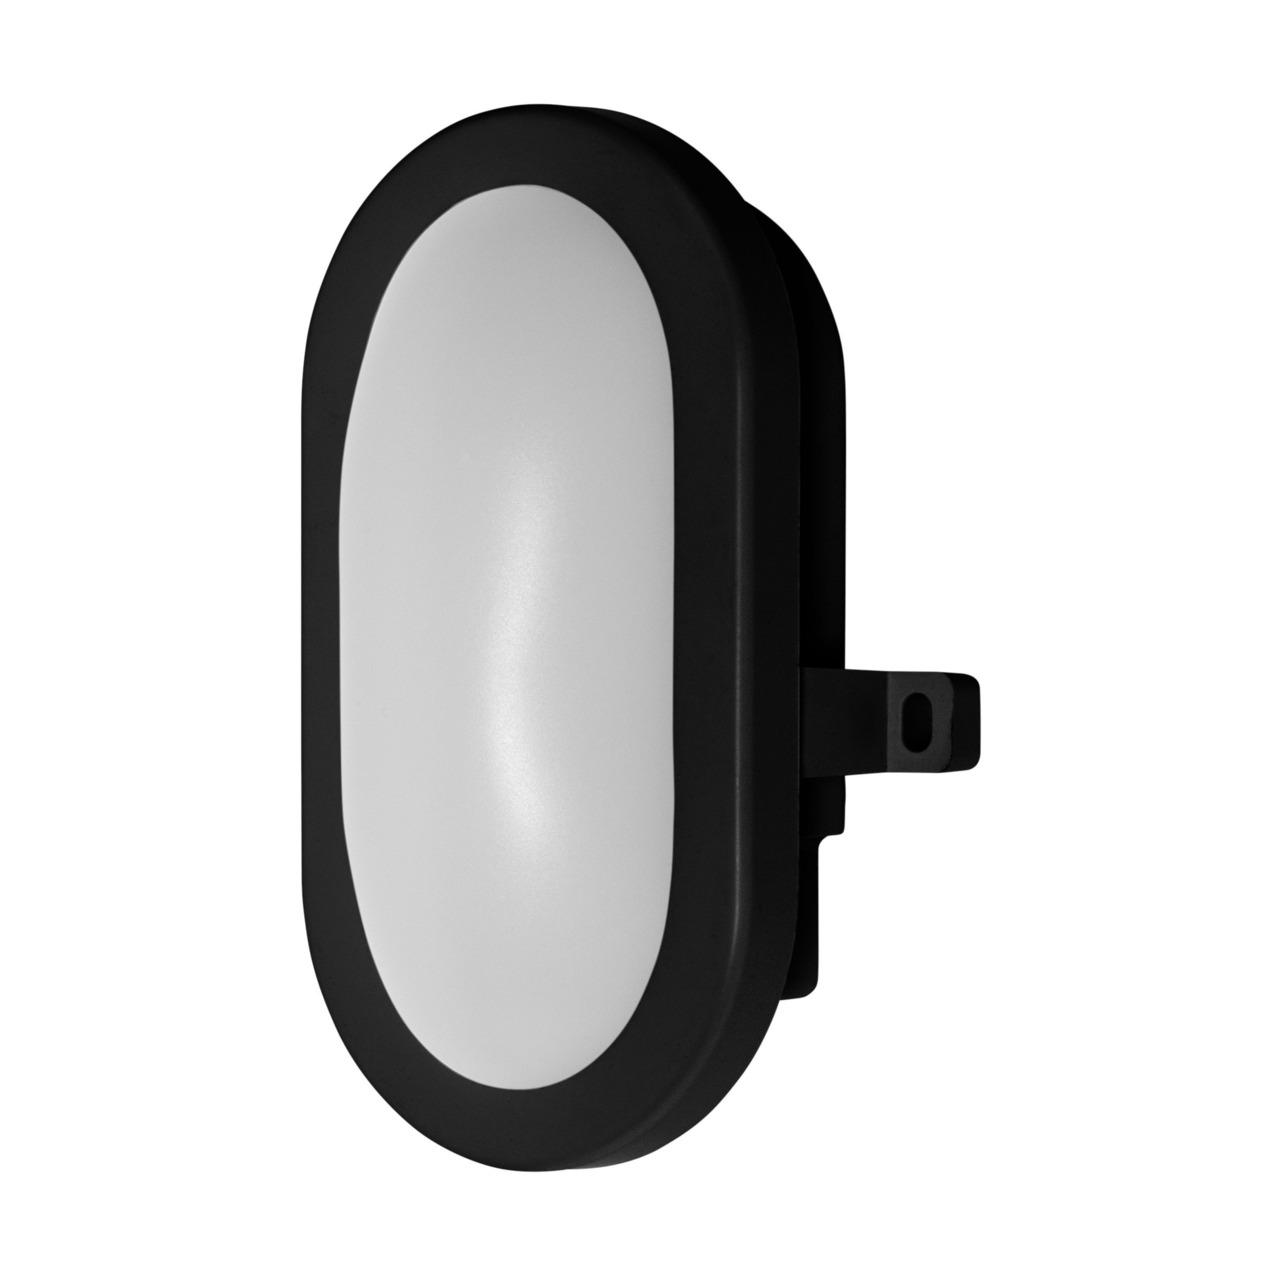 Ledvance 5-5-W-Wand-Deckenleuchte BULKHEAD- schwarz- 450 lm- kaltweiund-223 - IP54